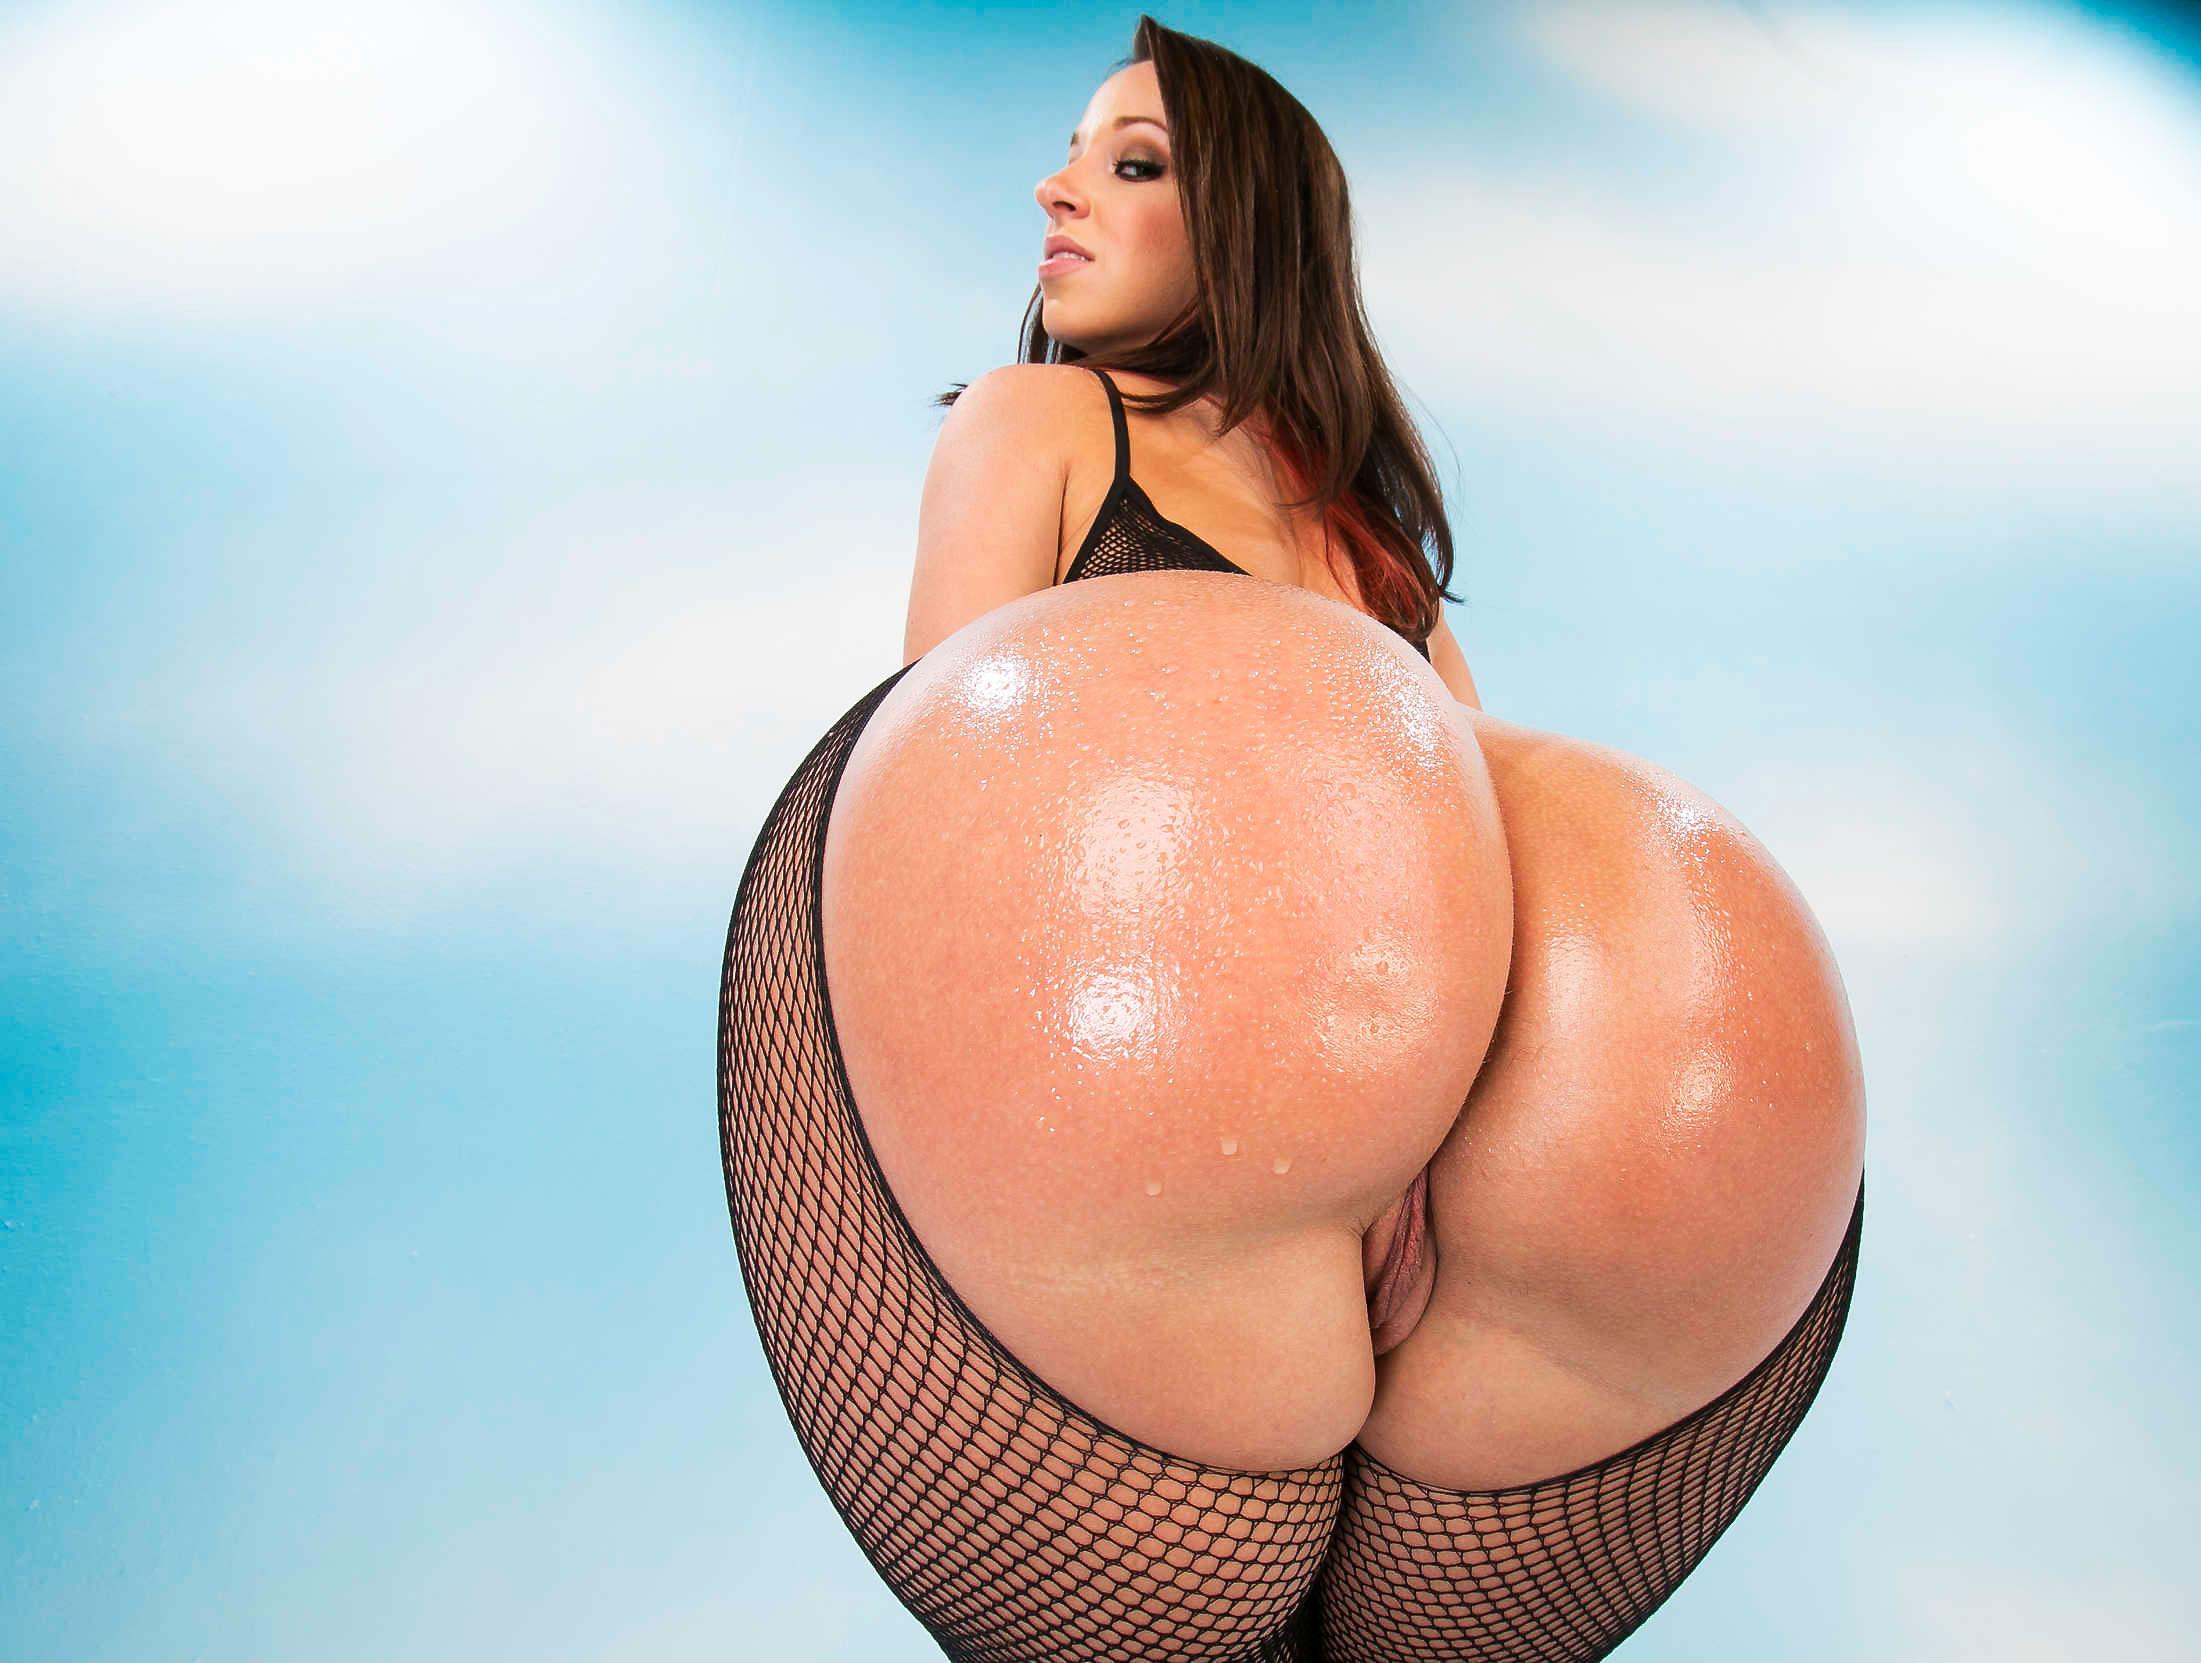 Хармон порно попки сочные красивые девки большой попка видео красивая девушка тащится